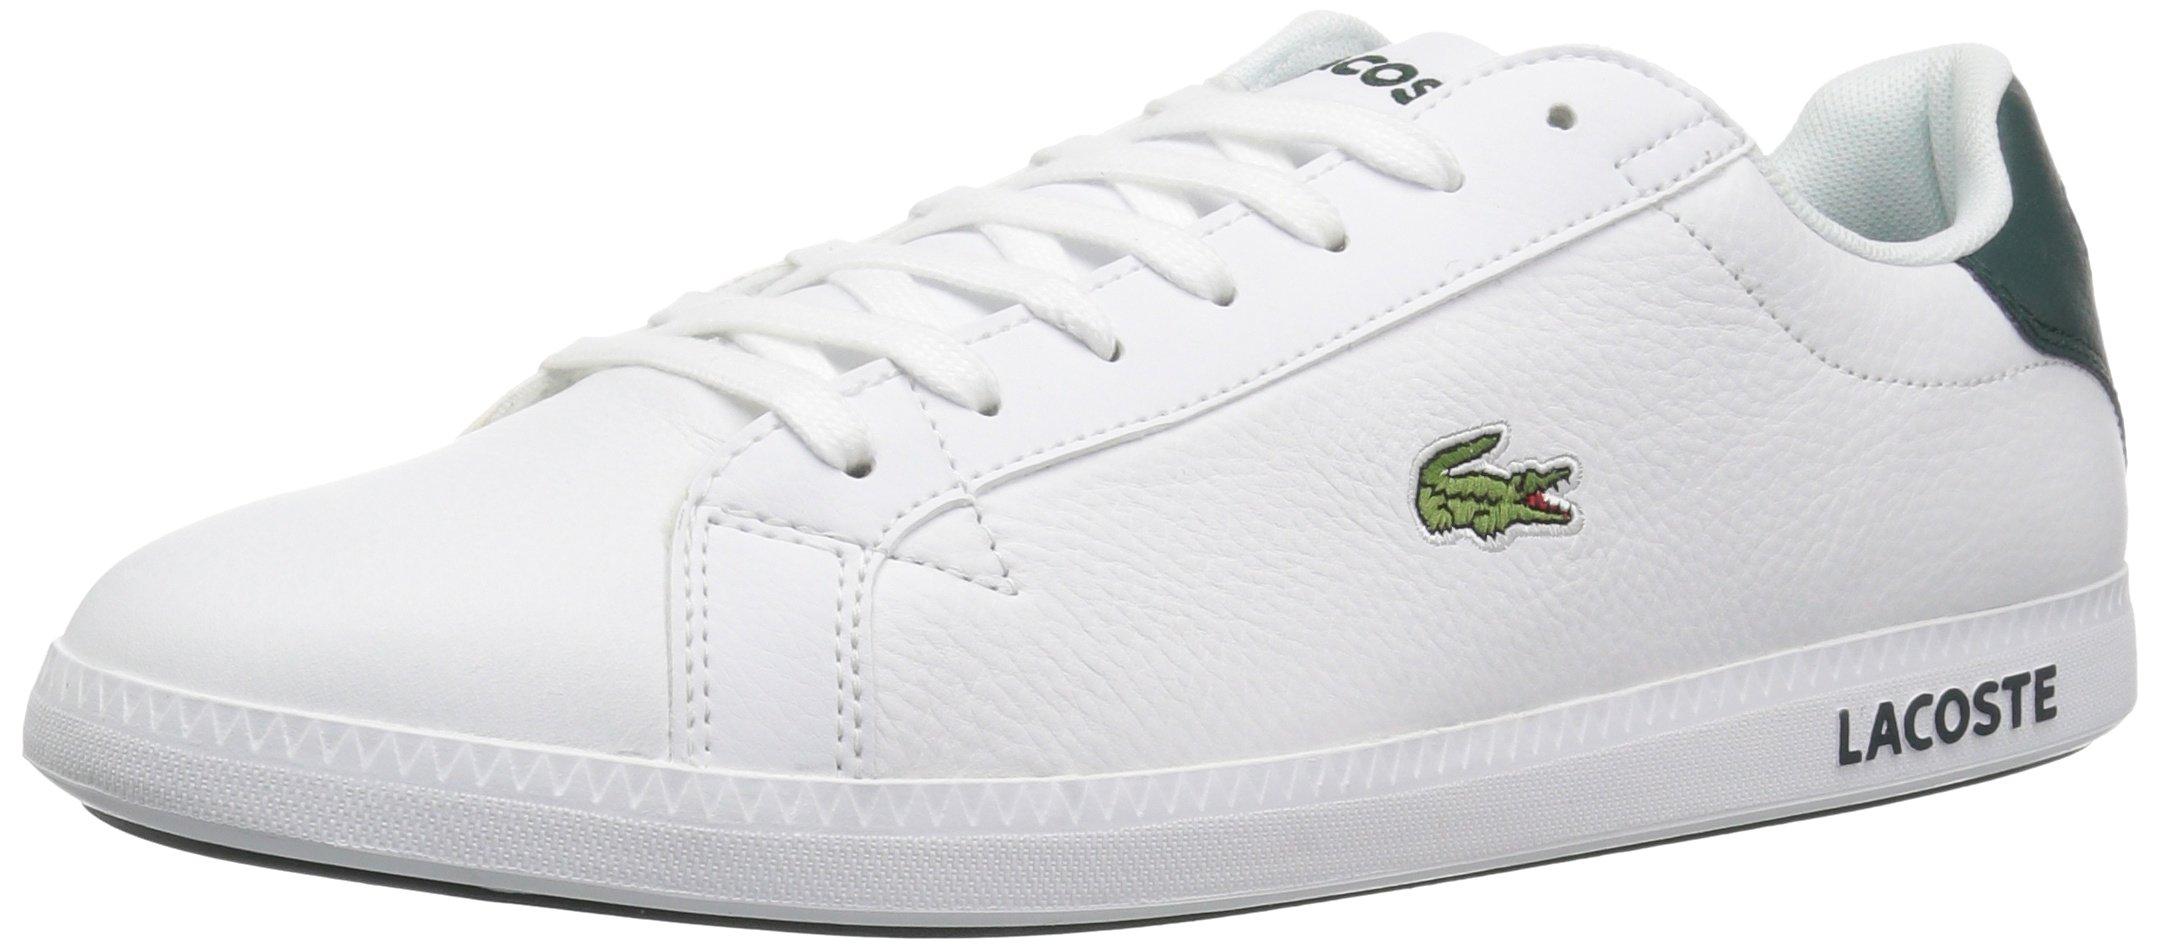 Lacoste Men's Graduate LCR3 Sneakers,Green